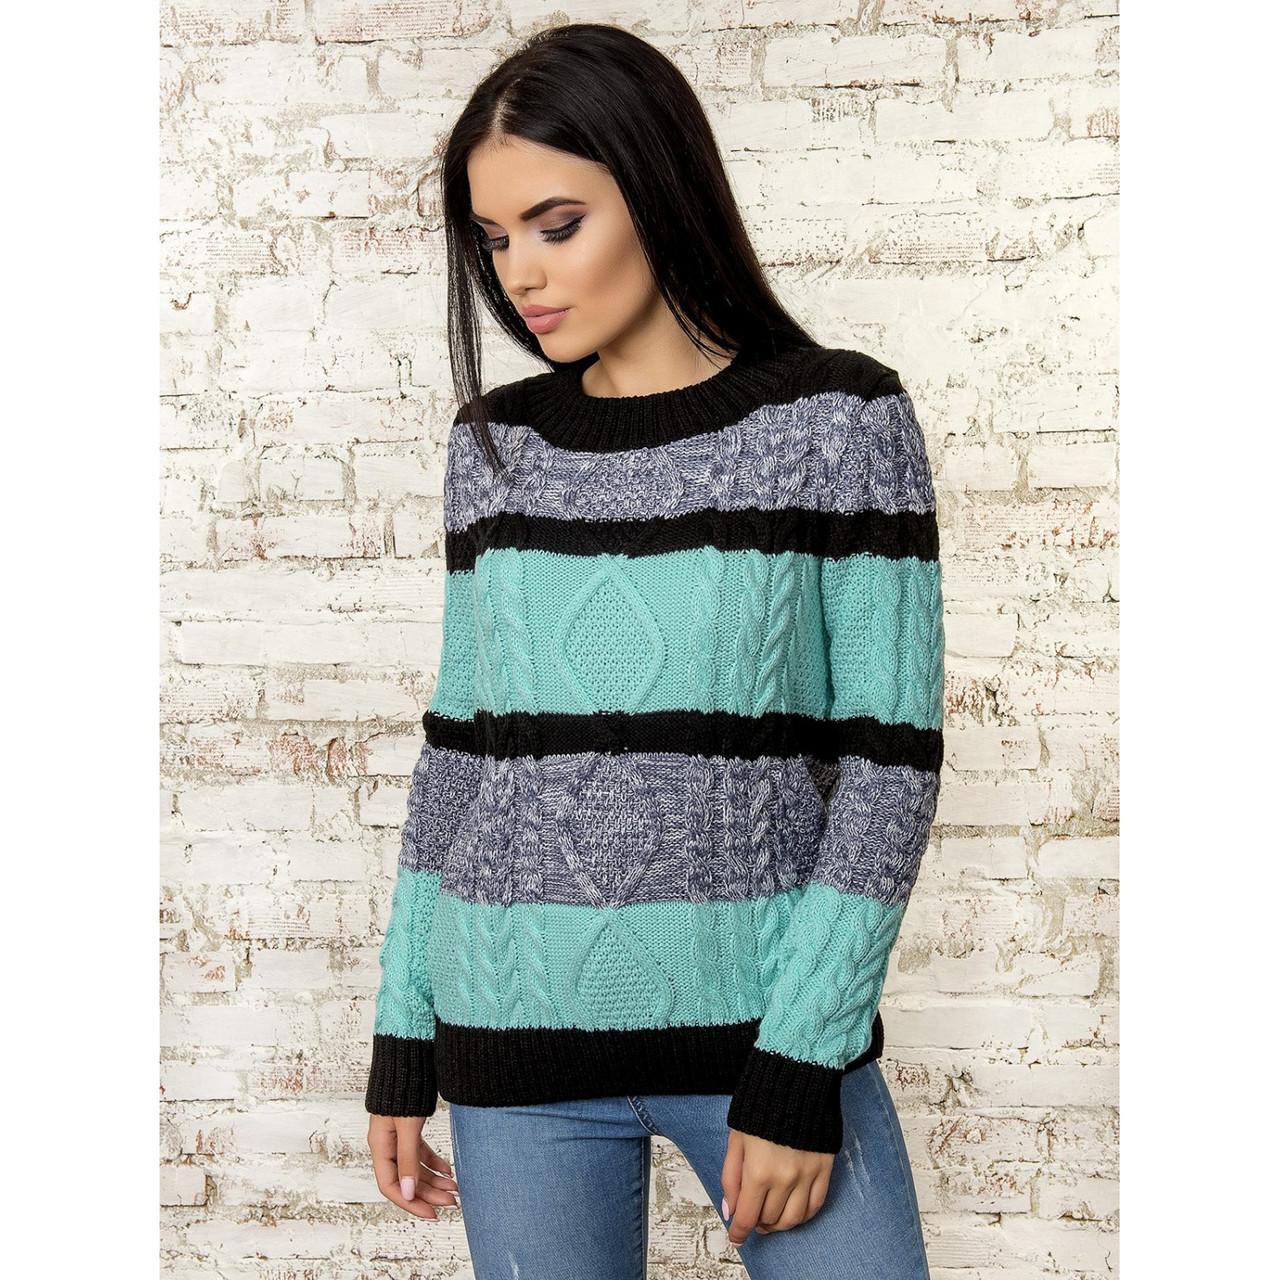 Трехцветный вязаный свитер 42-44-46 размеры 3цвета